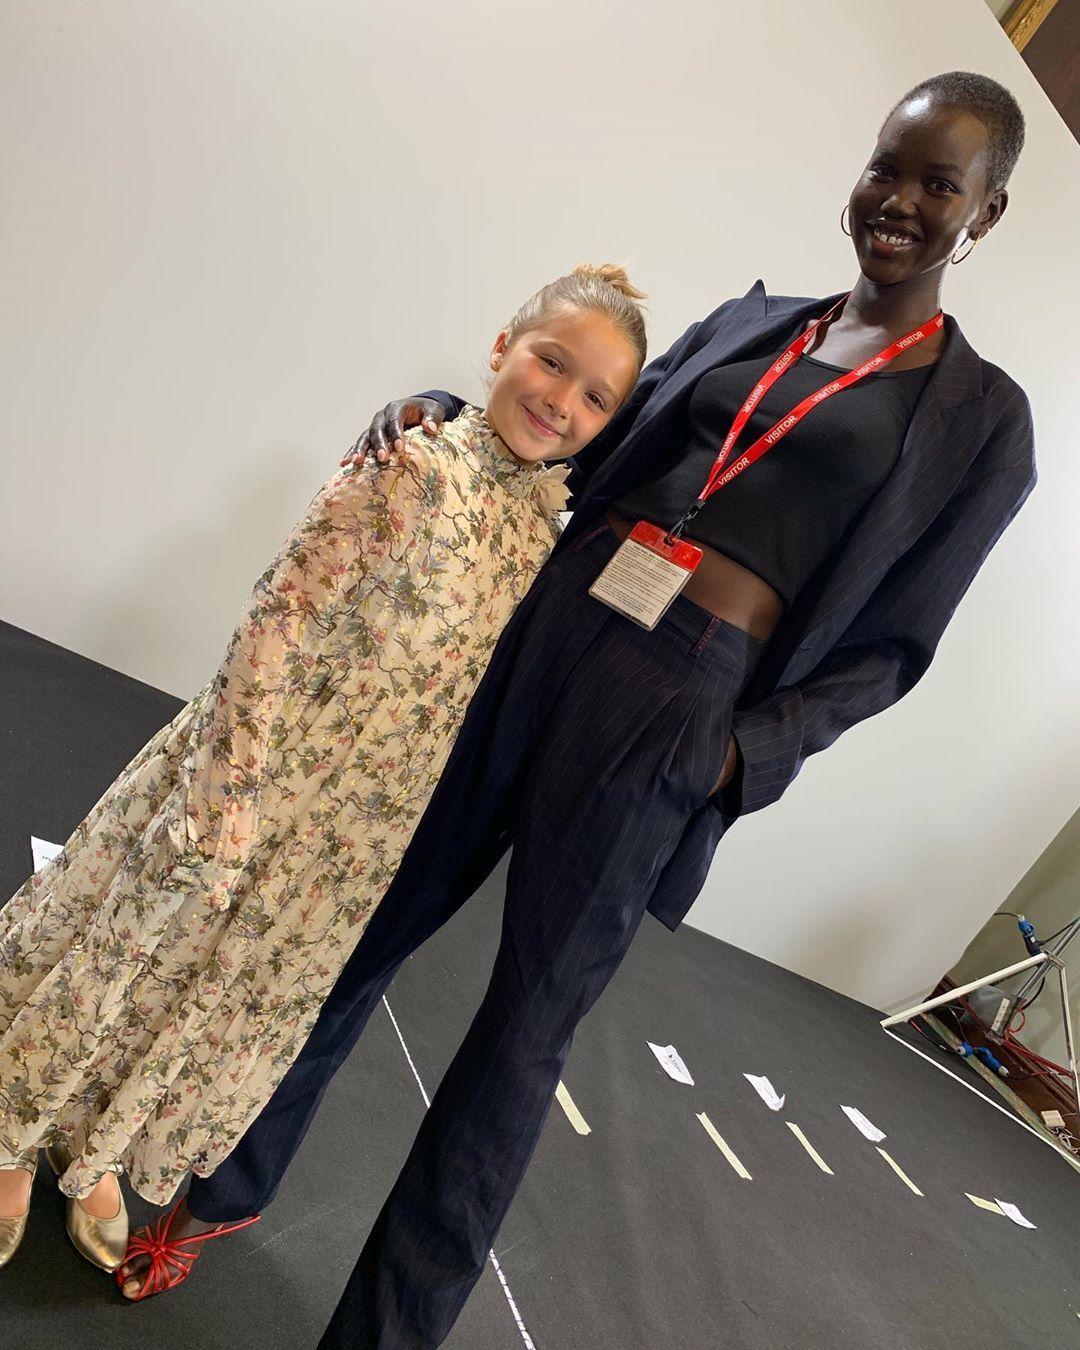 Дочь Виктории Бекхэм Харпер с моделью Адут Акеч